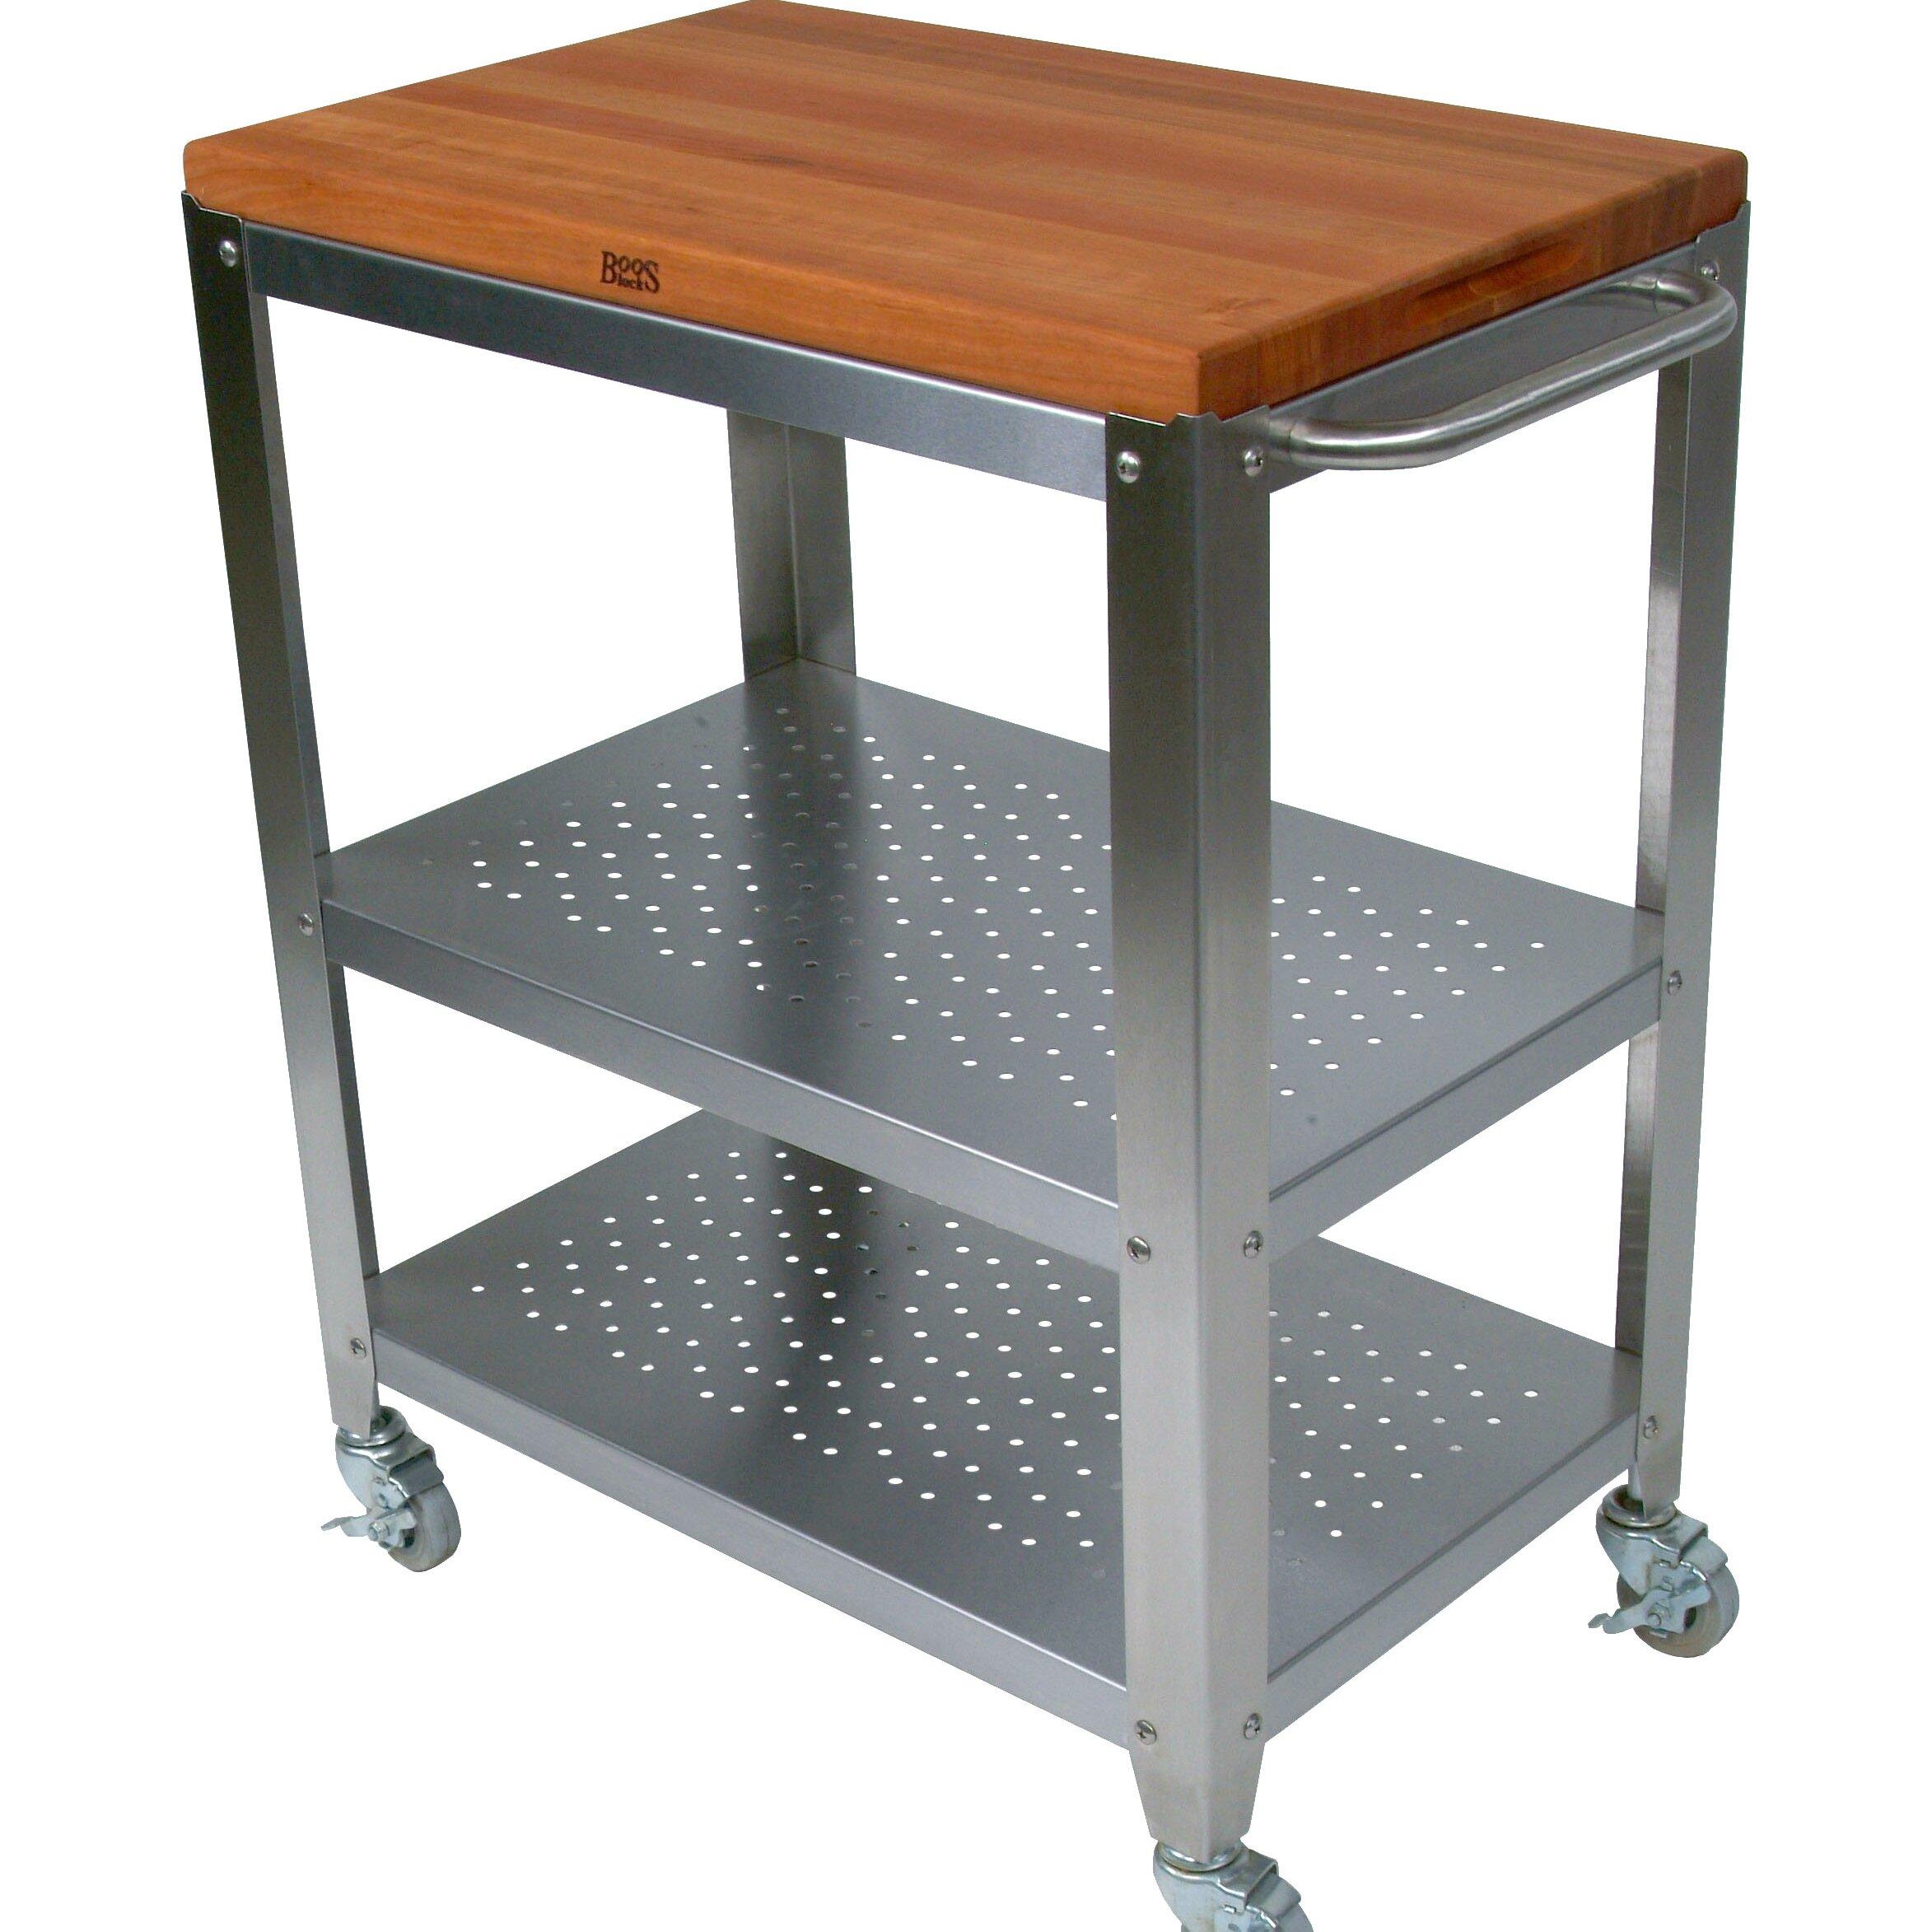 Cucina americana culinarte kitchen cart with wood top wayfair - John boos cucina ...